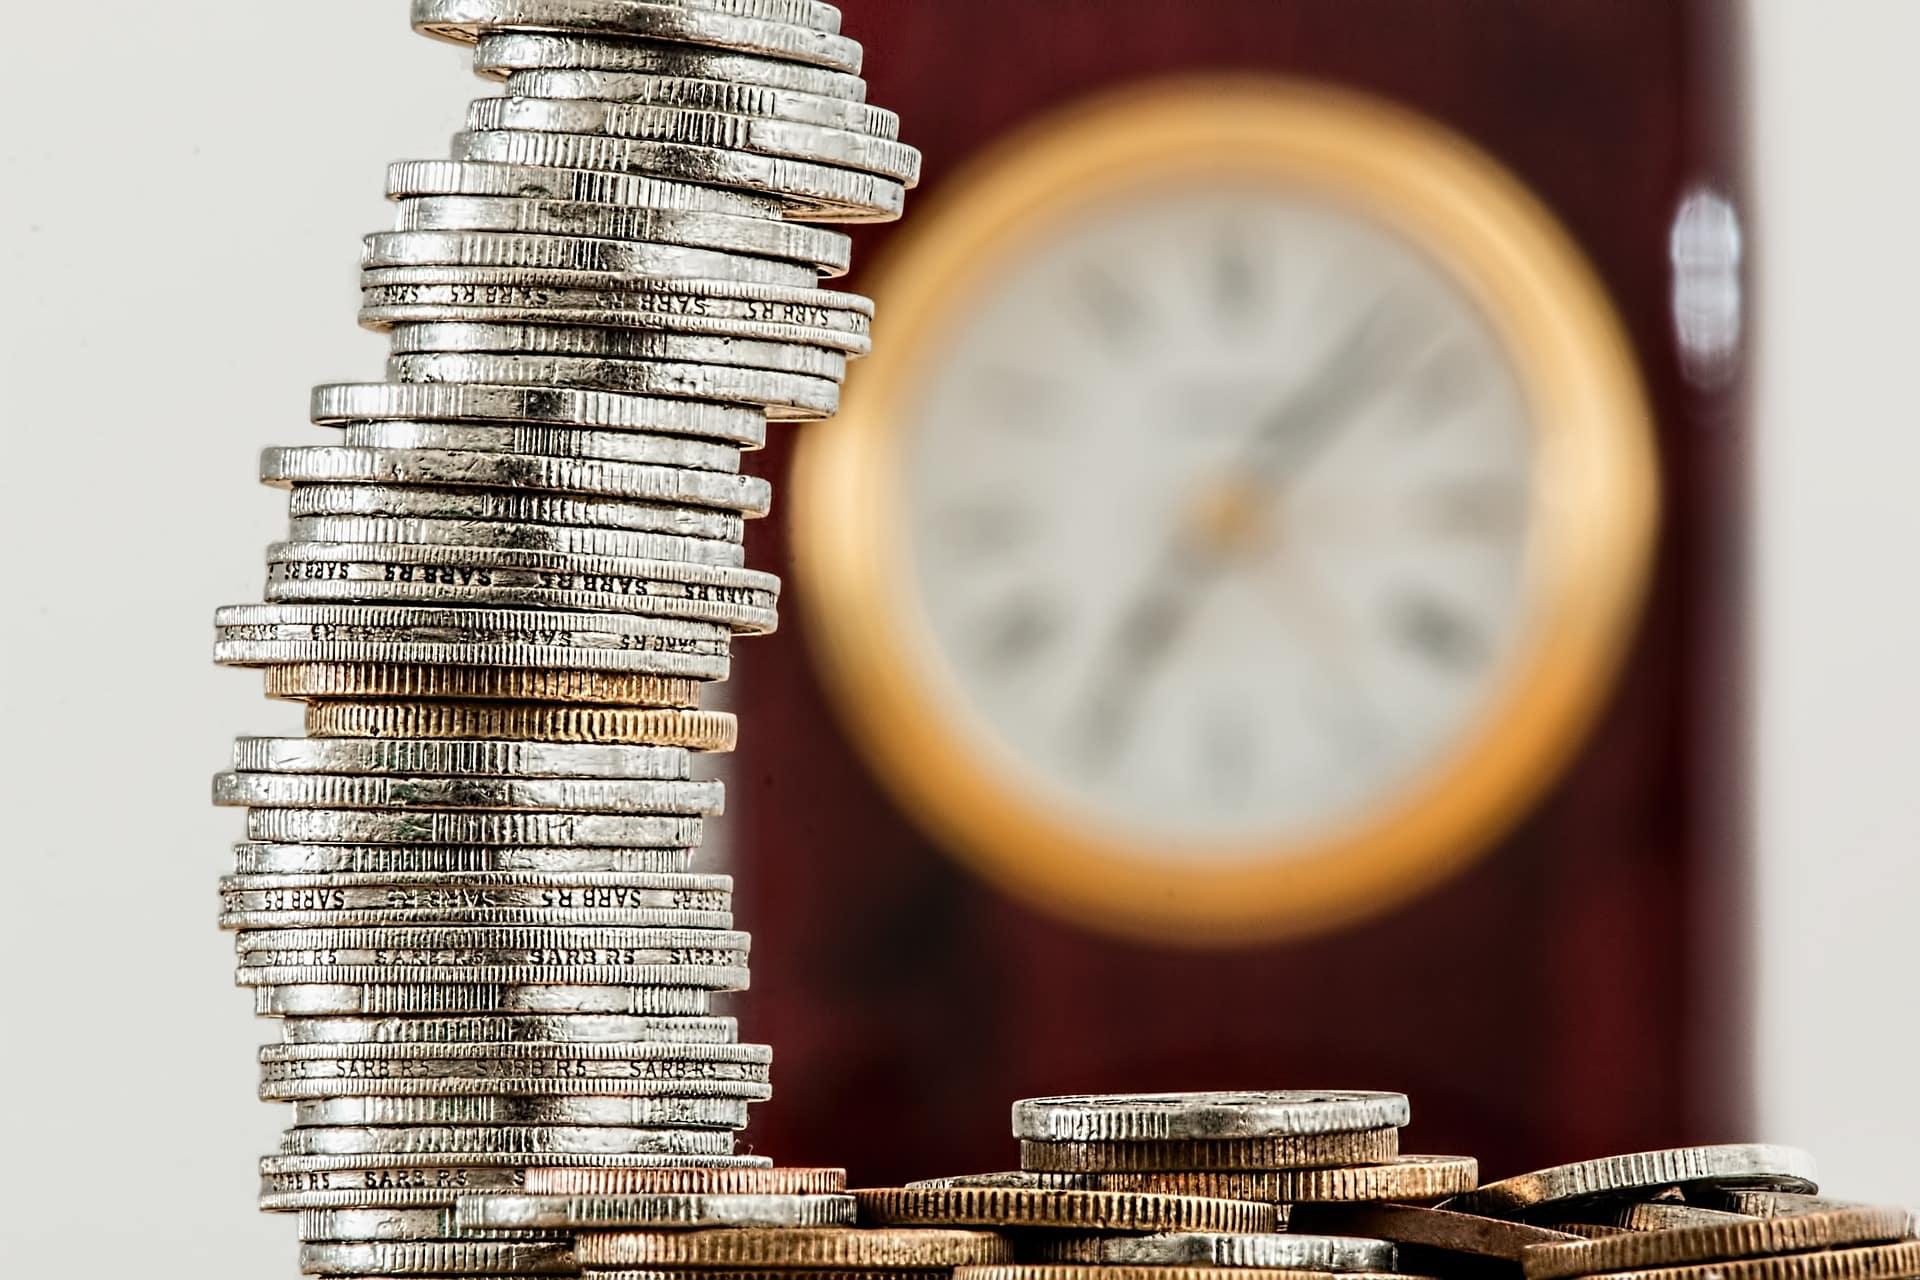 Für jeden Euro den man spart noch einen Euro dazu bekommen?